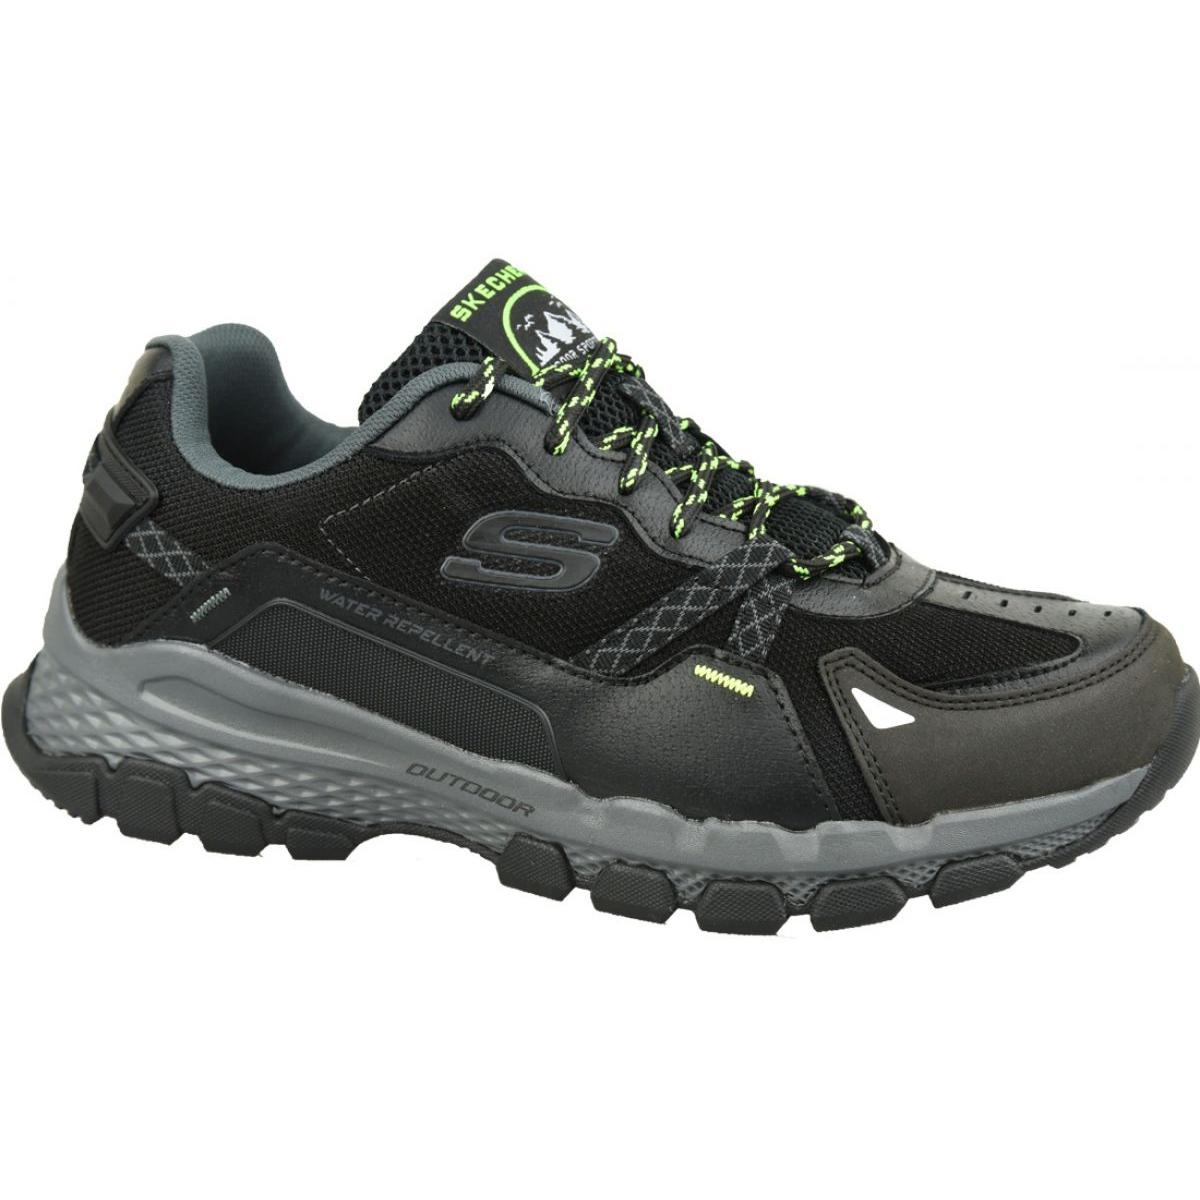 Détails sur Chaussures Skechers Outland 2.0 M 51589 BKCC noir